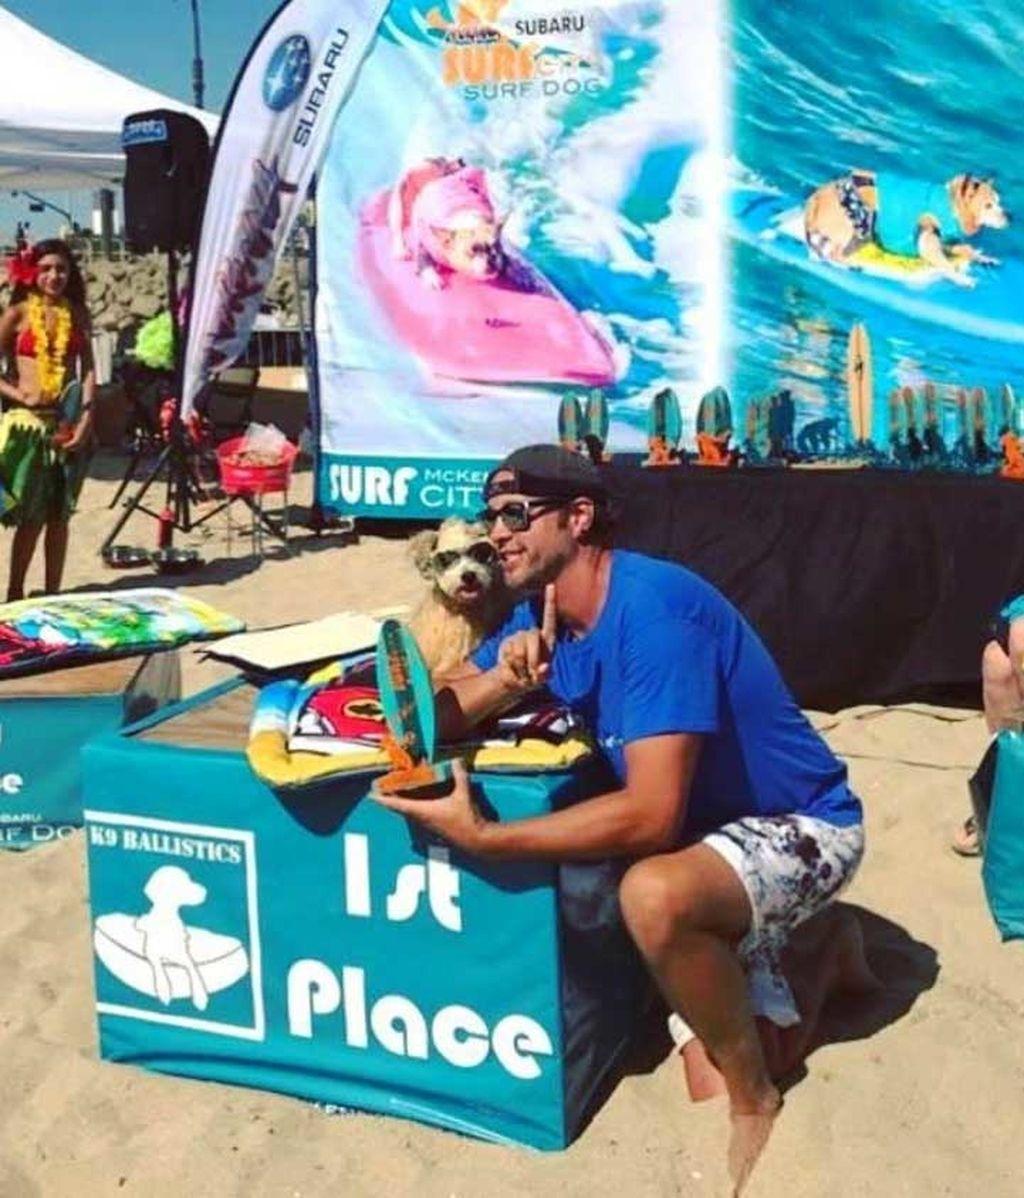 Aficionado al skate y con experiencia de un solo año: así es Dudeman, el ganador del campeonato de surf de perros